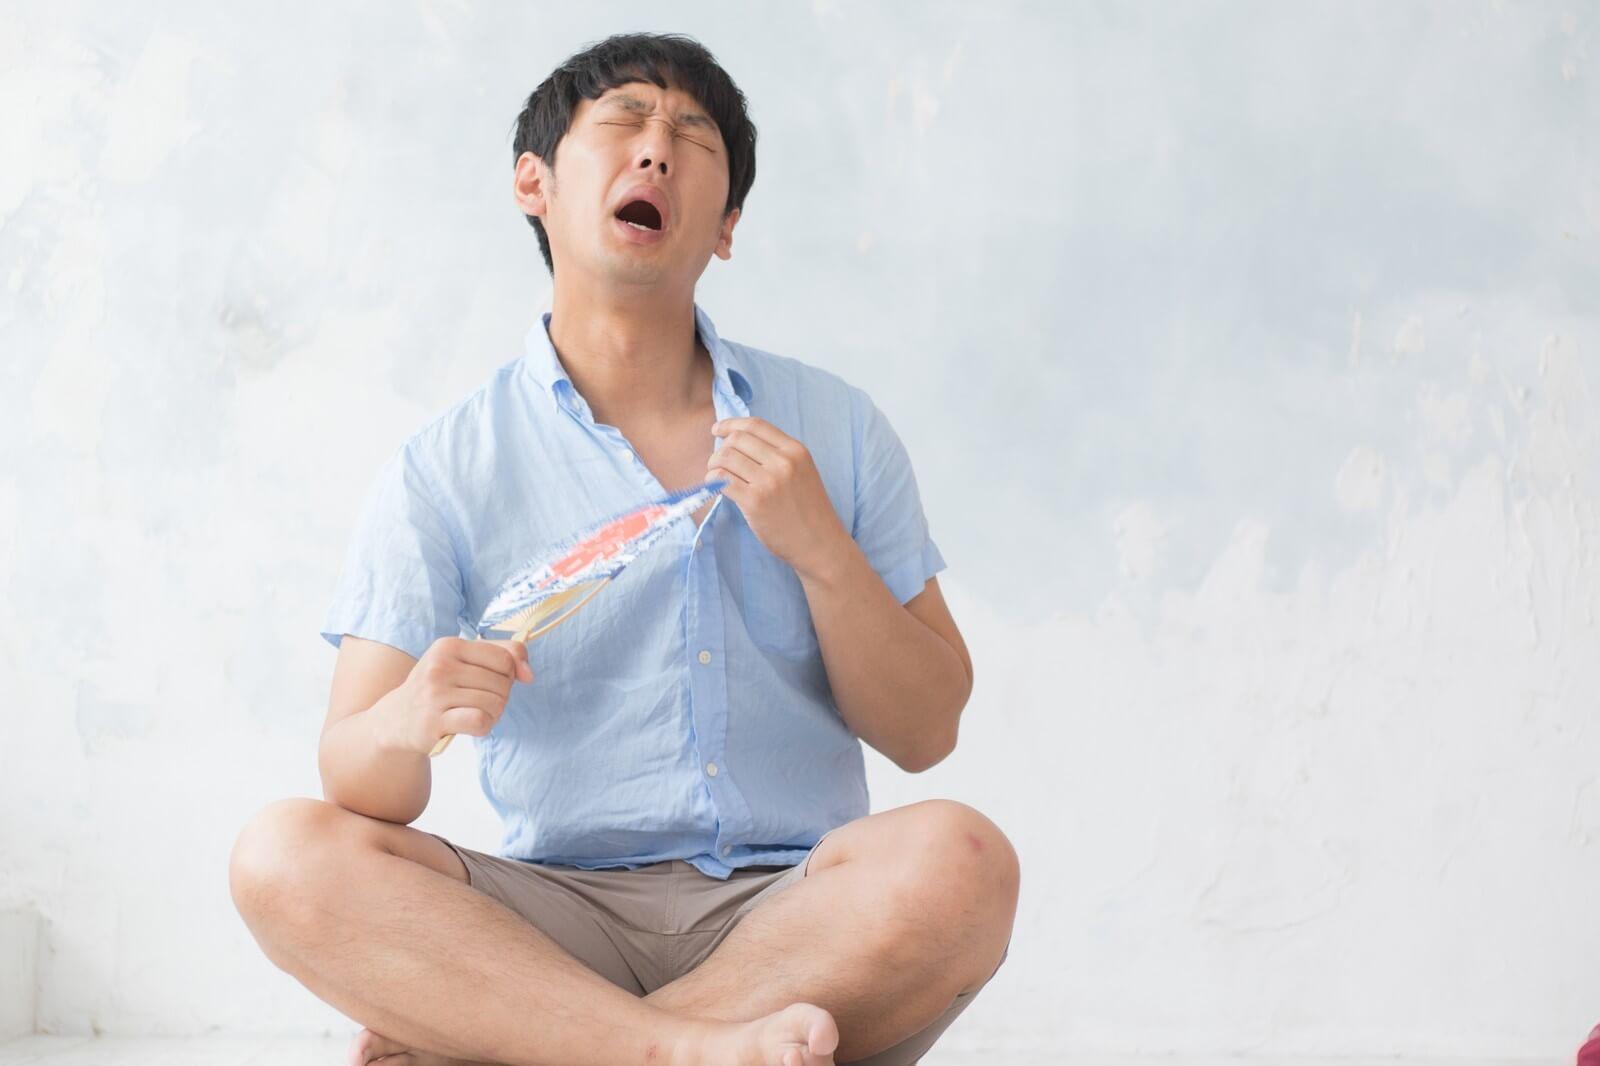 【夏血栓】症状がまるで熱中症!?放っておくと大変な事になりますよ...